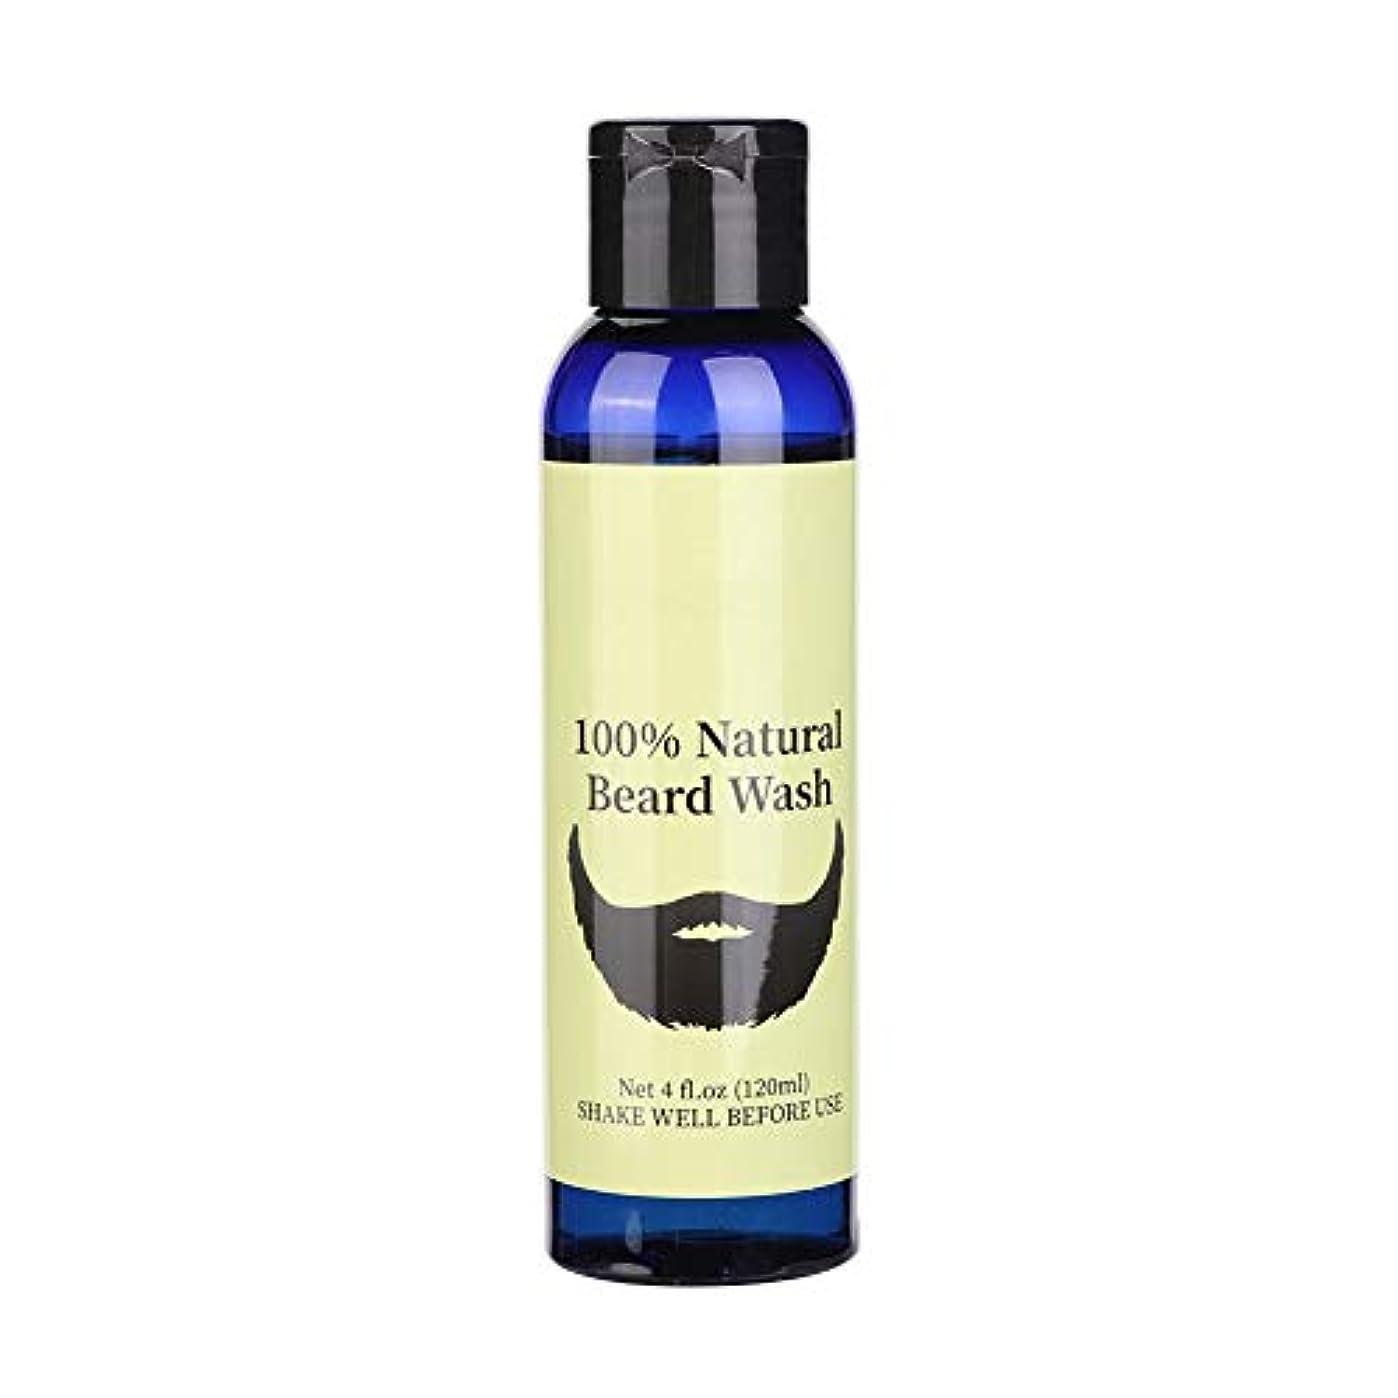 セミナー非常に怒っていますアンデス山脈ひげのシャンプー、保湿の滑らかになること容易あらゆるひげのタイプのためのひげの清潔になるシャンプーを管理しなさい